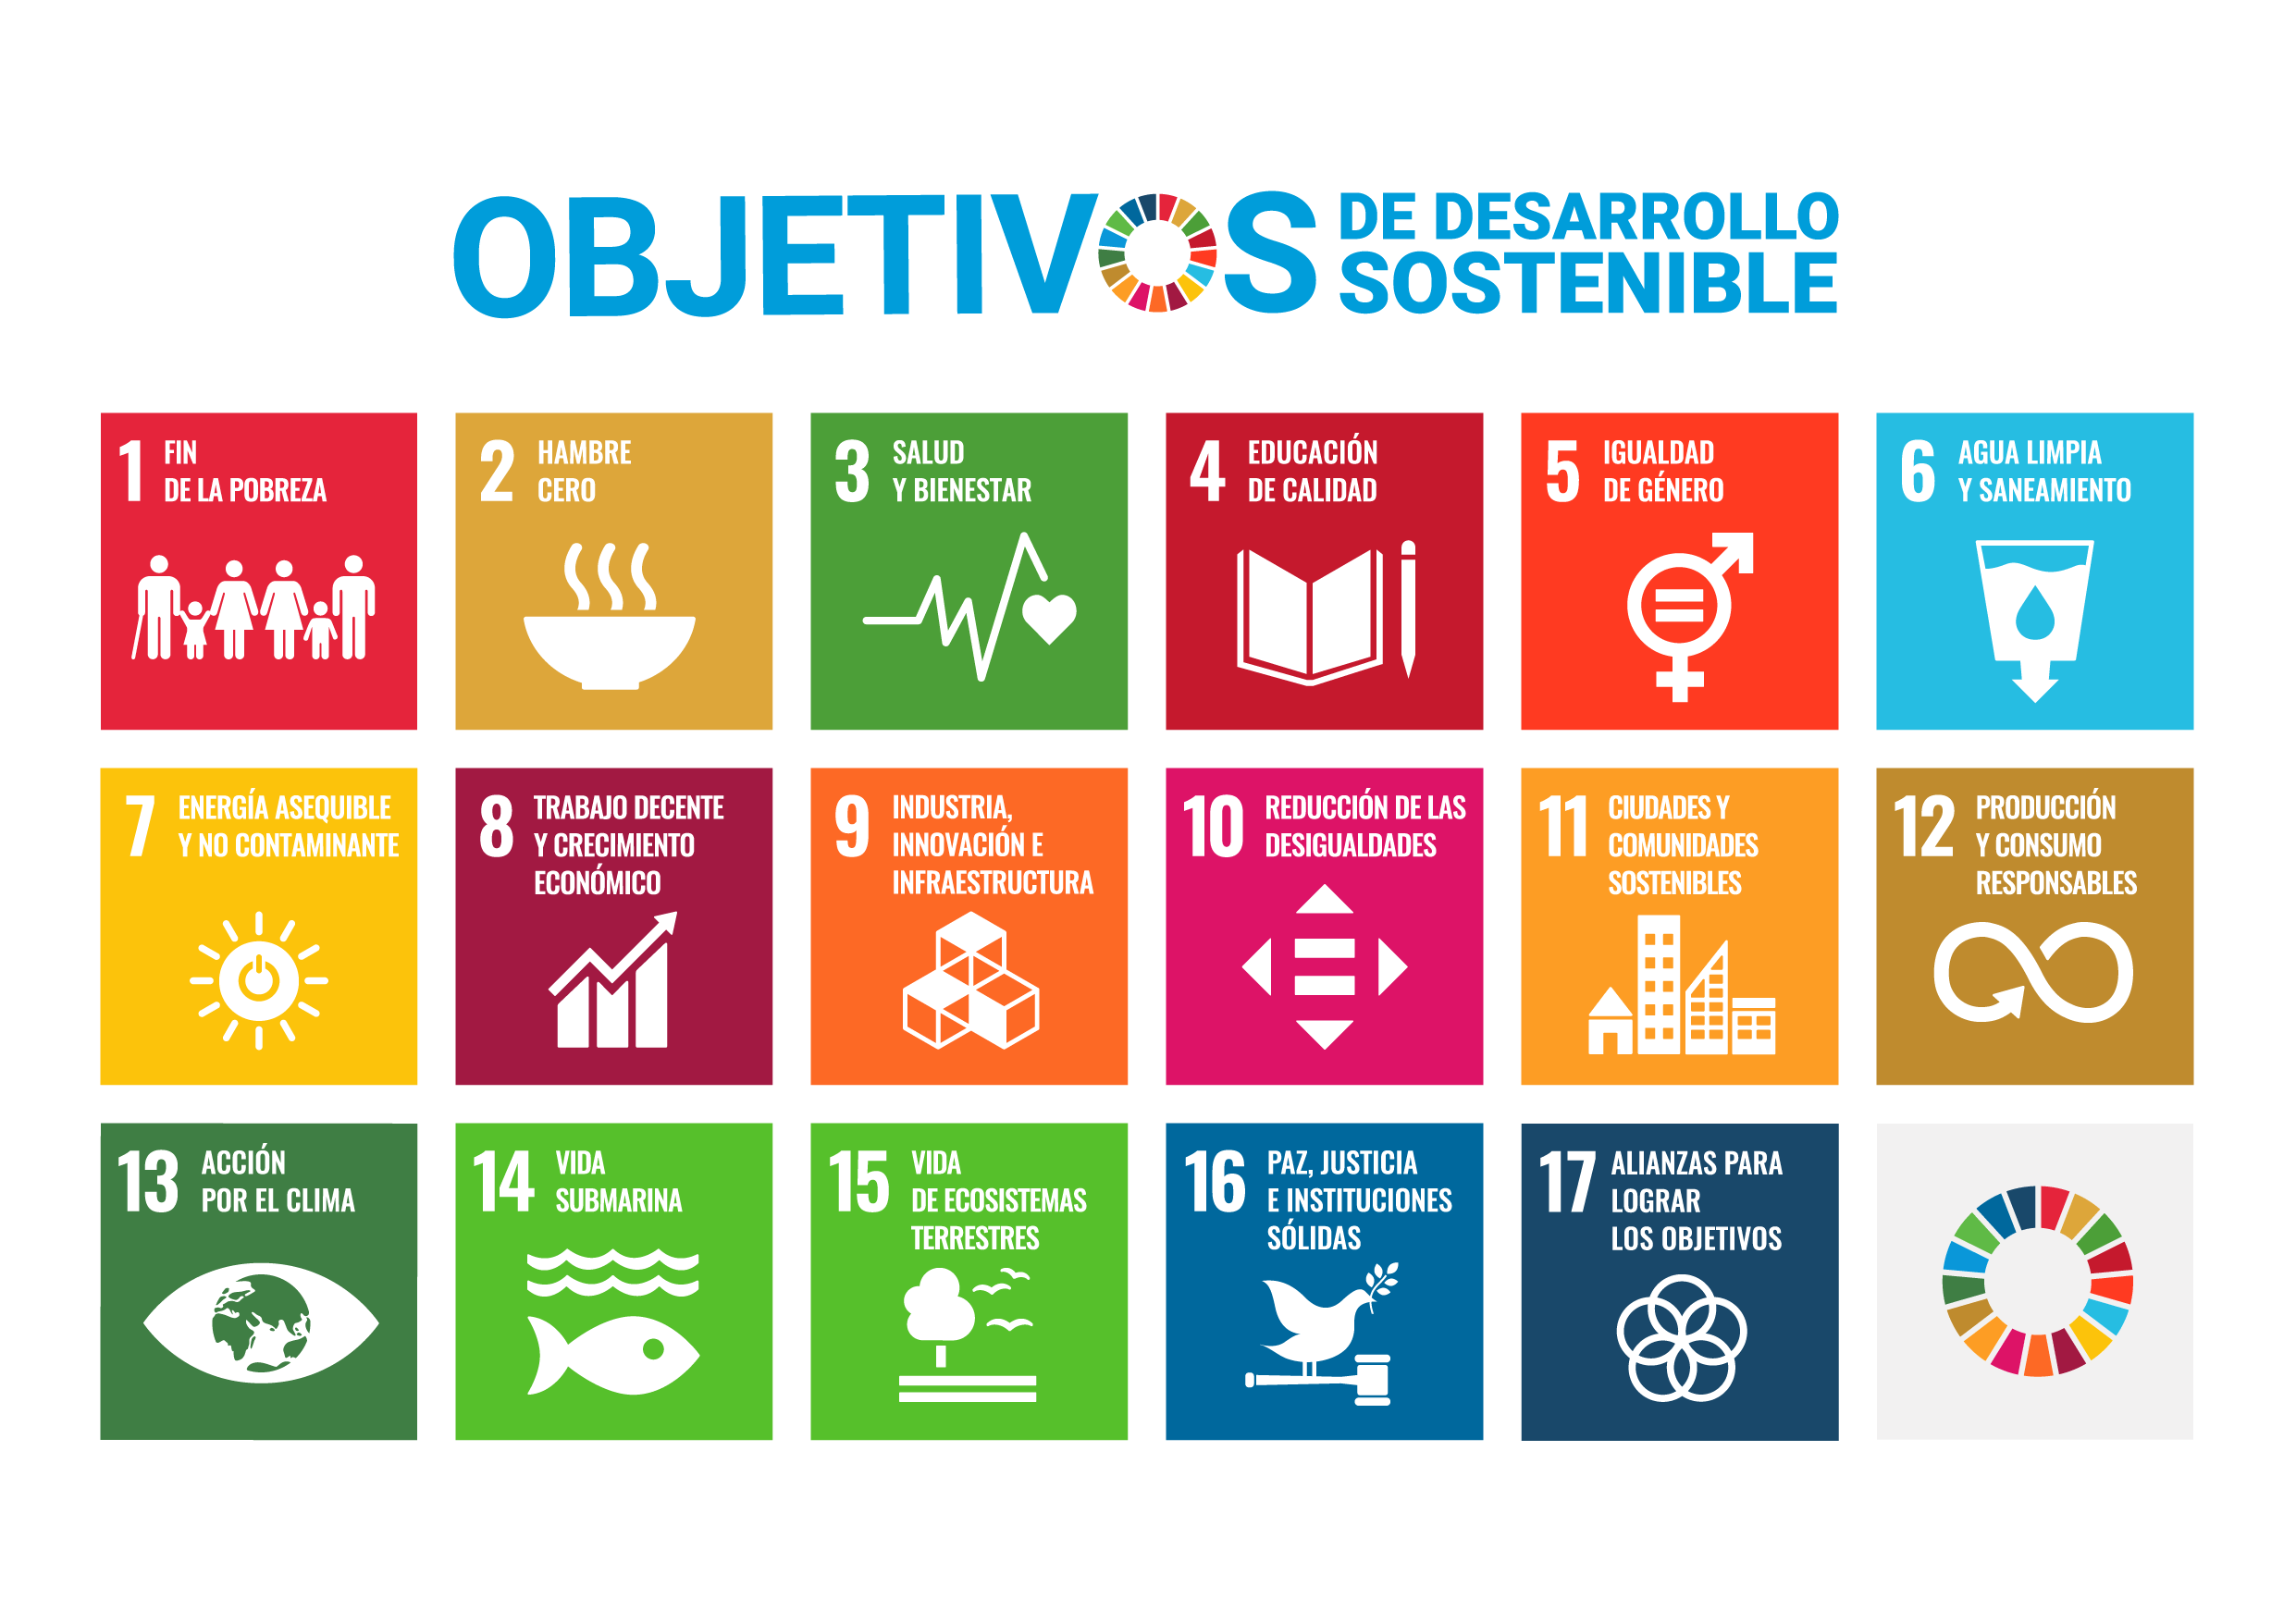 Listado de los 17 Objetivos de Desarrollo Sostenible de la Agenda 2030 de Naciones Unidas.